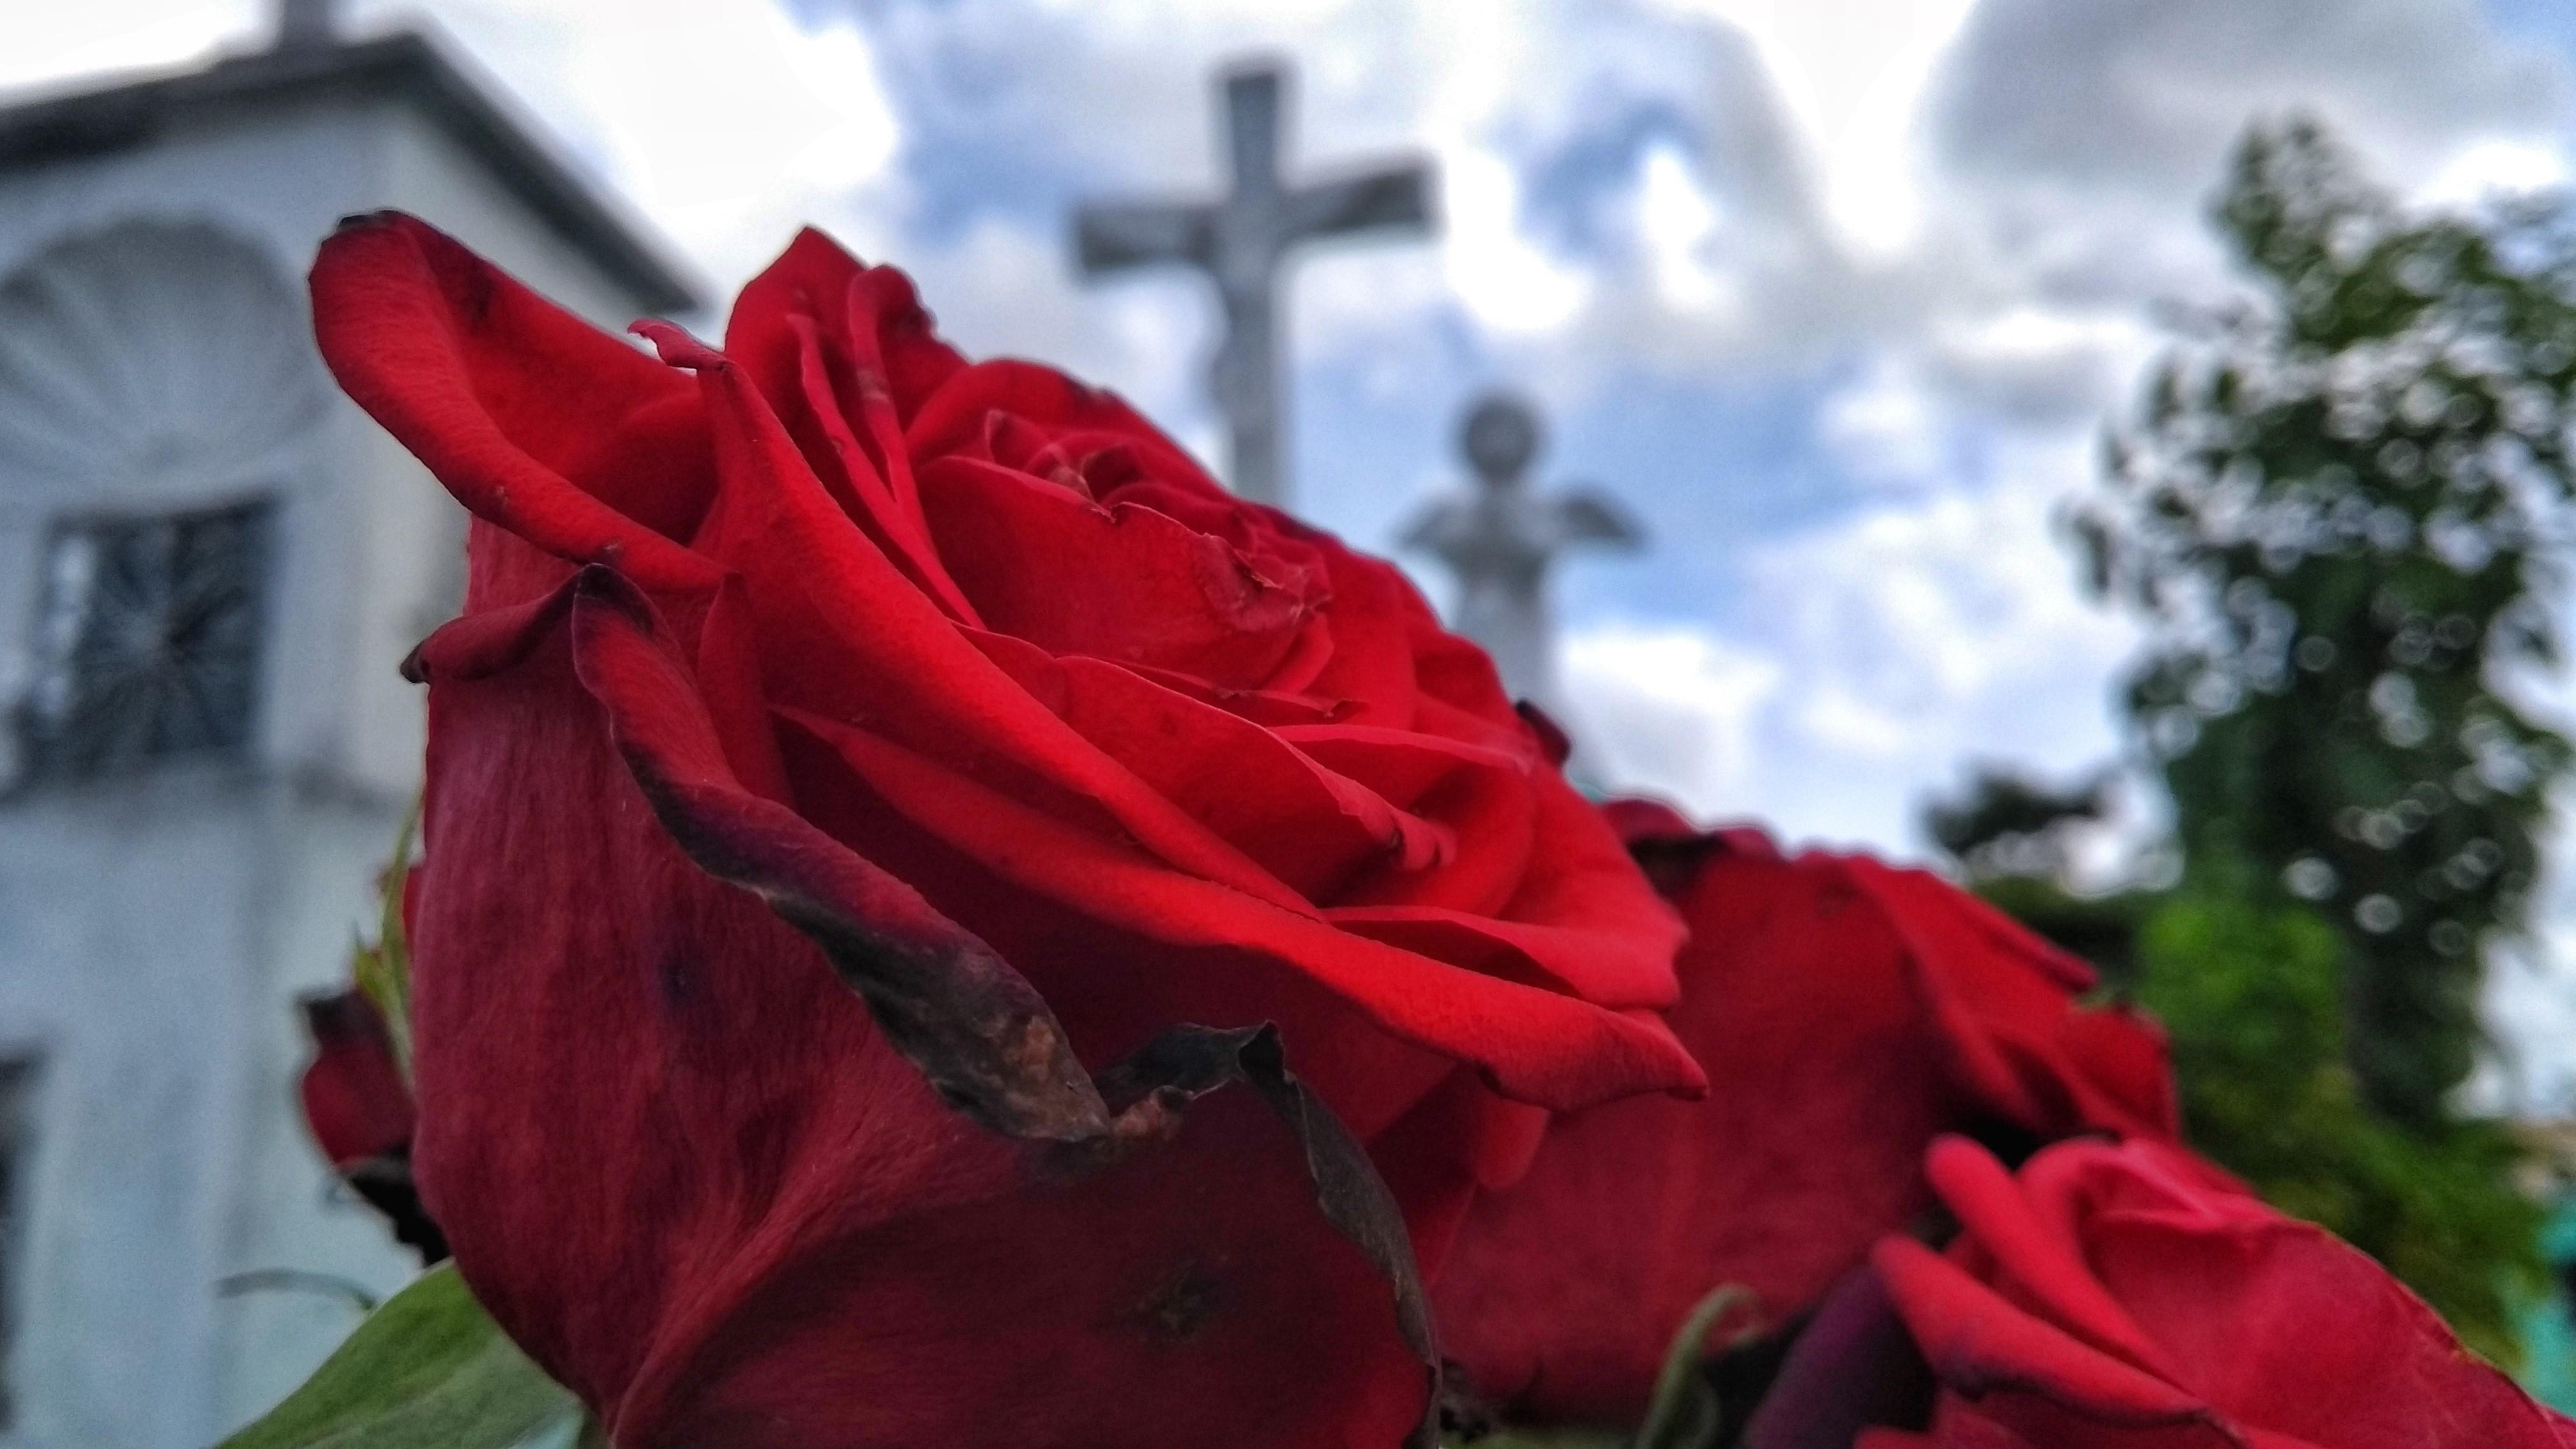 Día de Muertos: Los vivos llegan a cementerios a limpiar las tumbas (videos)